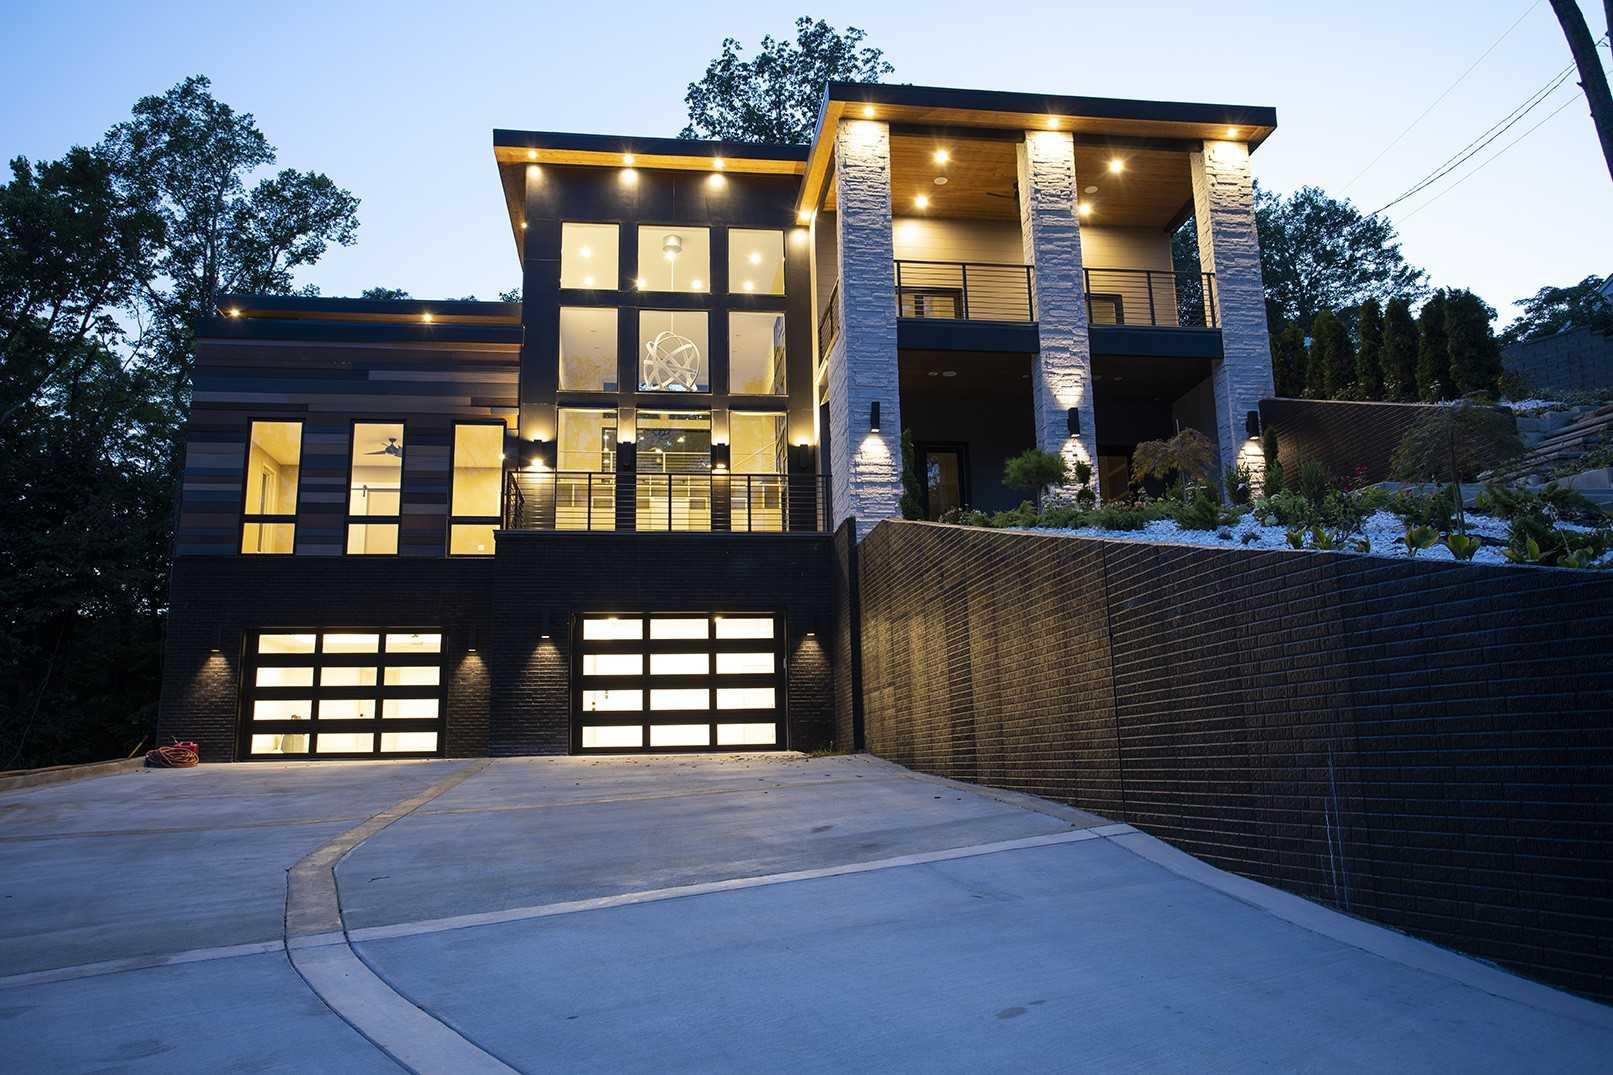 $2,300,000 - 4Br/4Ba -  for Sale in West Meade Park, Nashville